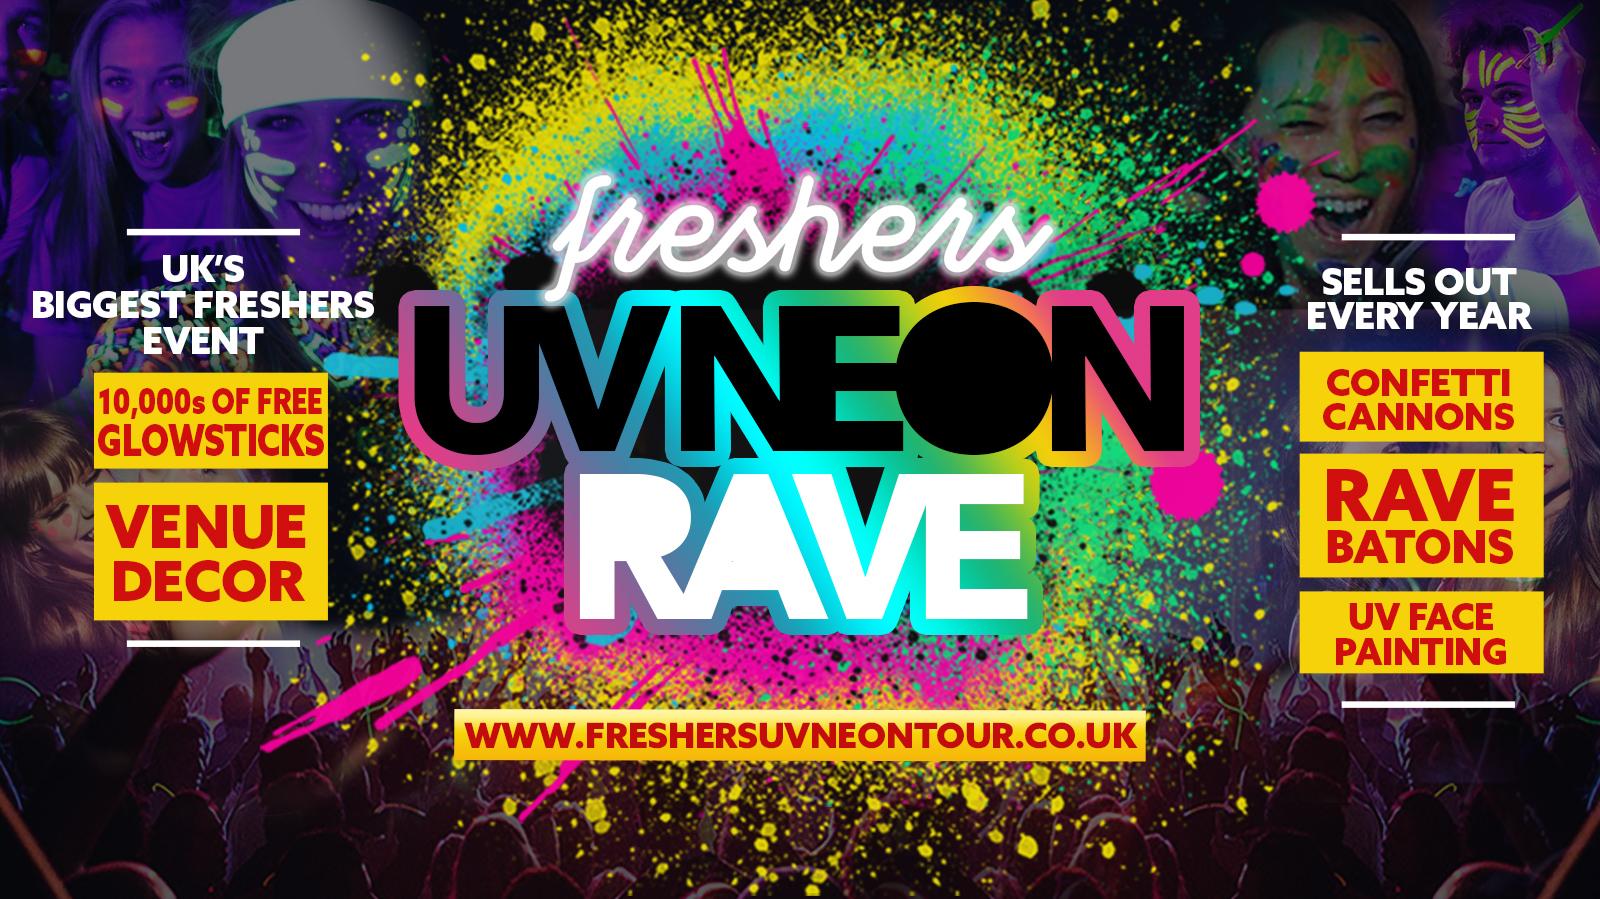 Swansea Freshers UV Neon Rave | Swansea Freshers 2021